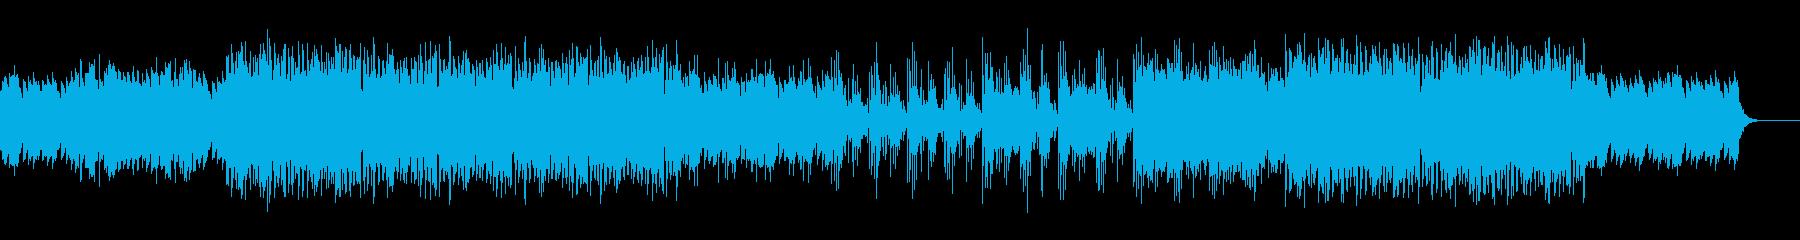 落ち着いた雰囲気のエレピロックサウンドの再生済みの波形